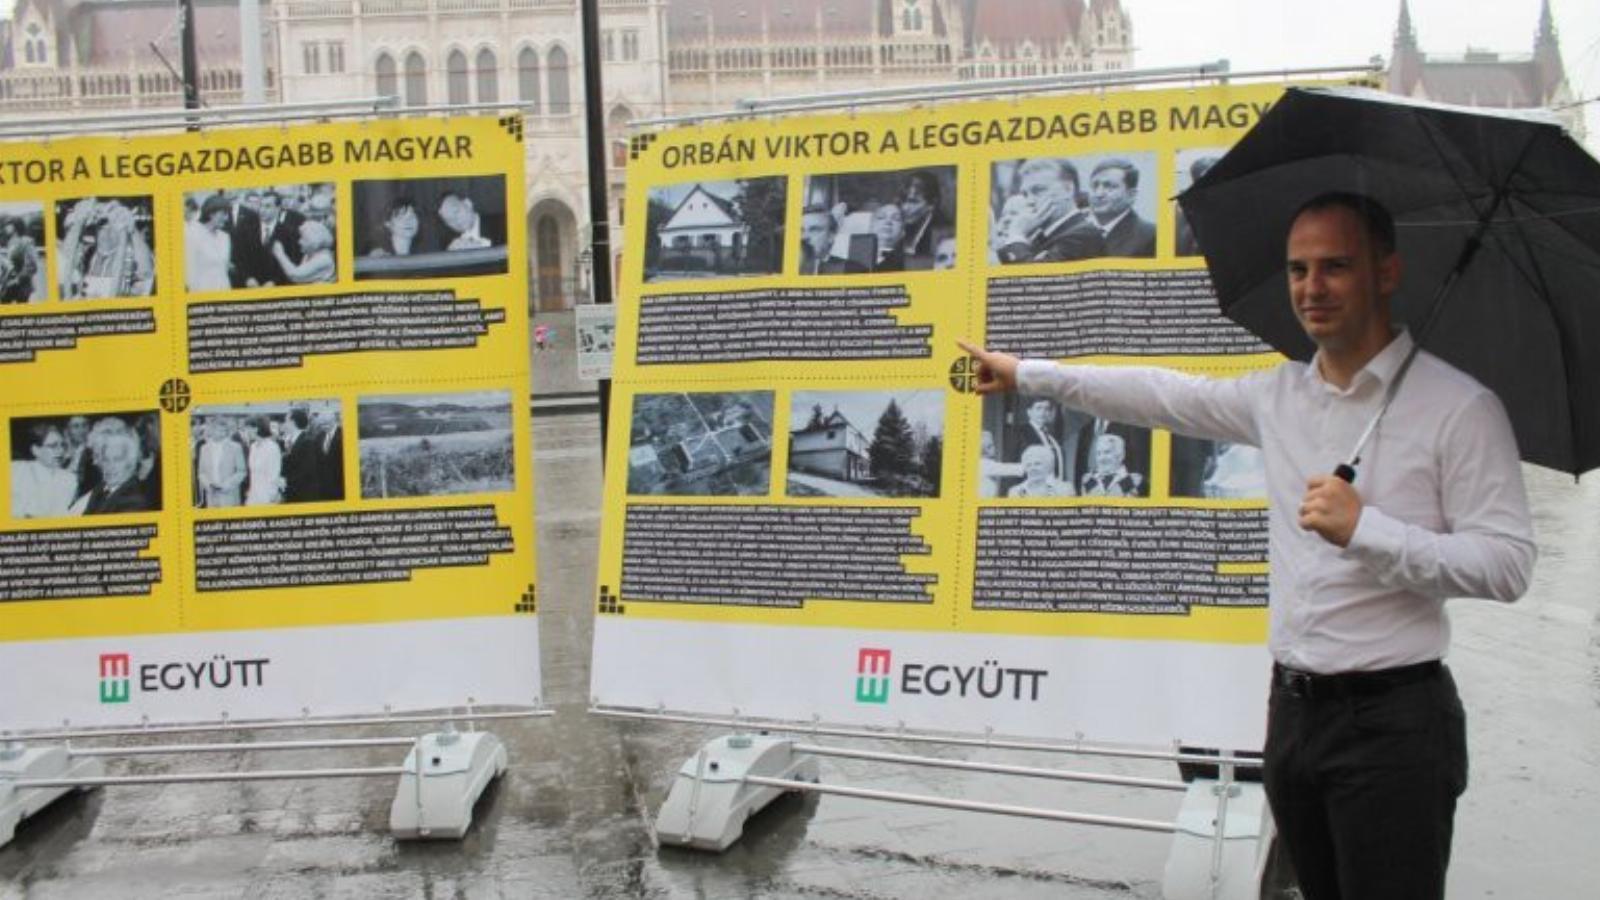 ef85d7c69d Szigetvári csütörtökön a Ház előtt a vagyontablókkal – a hivatalos  hírügynökséget nem érdekelte FORRÁS: EGYÜTT